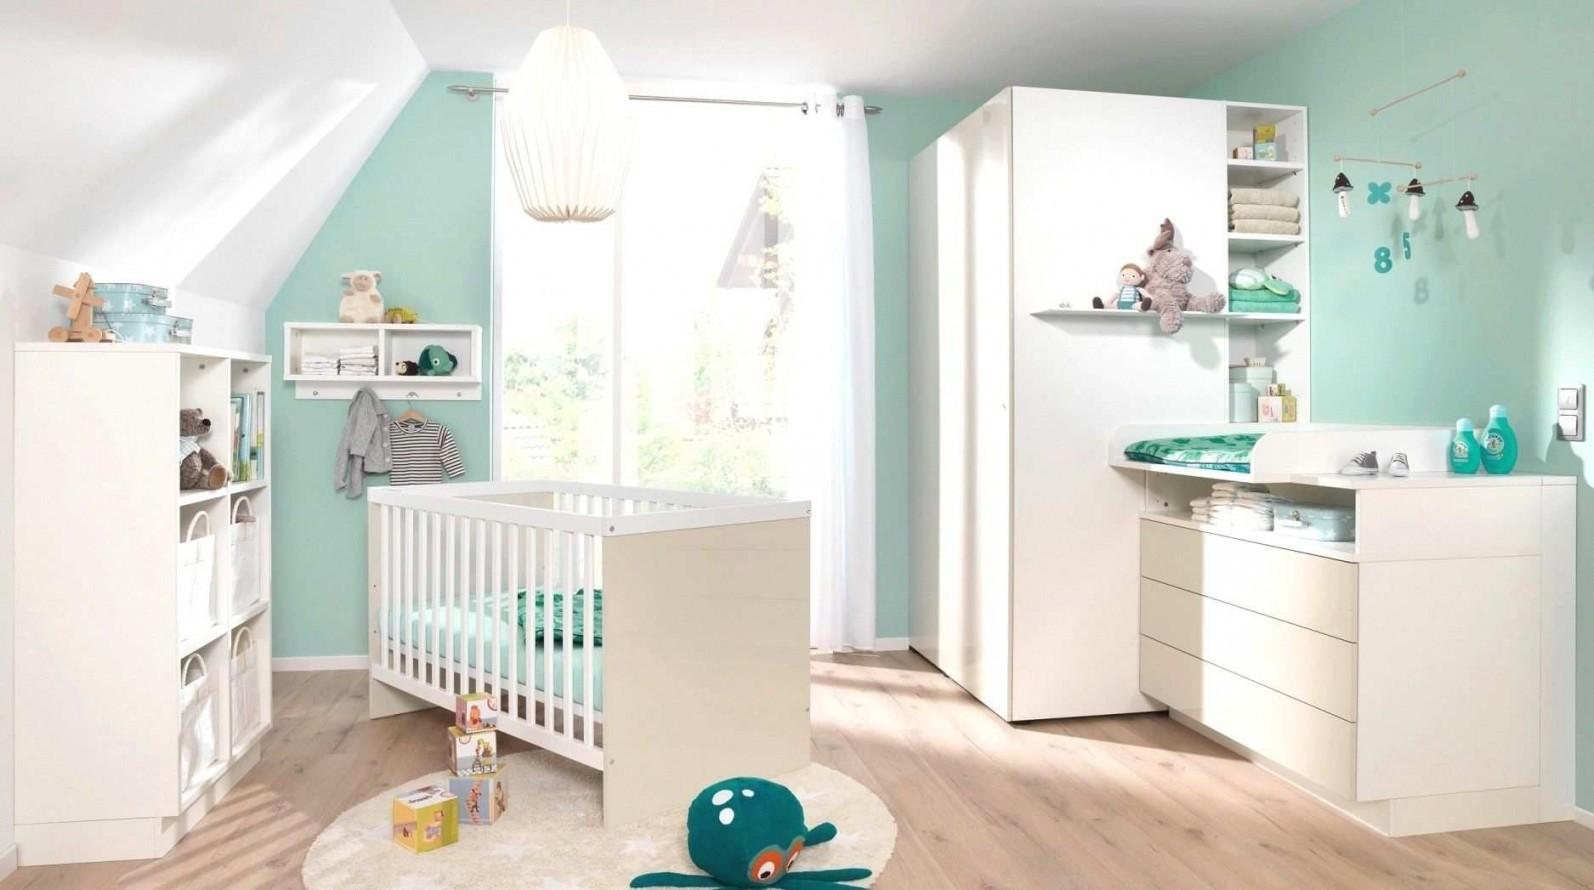 Babyzimmer Junge Deko Babyzimmer Jungen  Jharp von Deko Für Babyzimmer Junge Bild